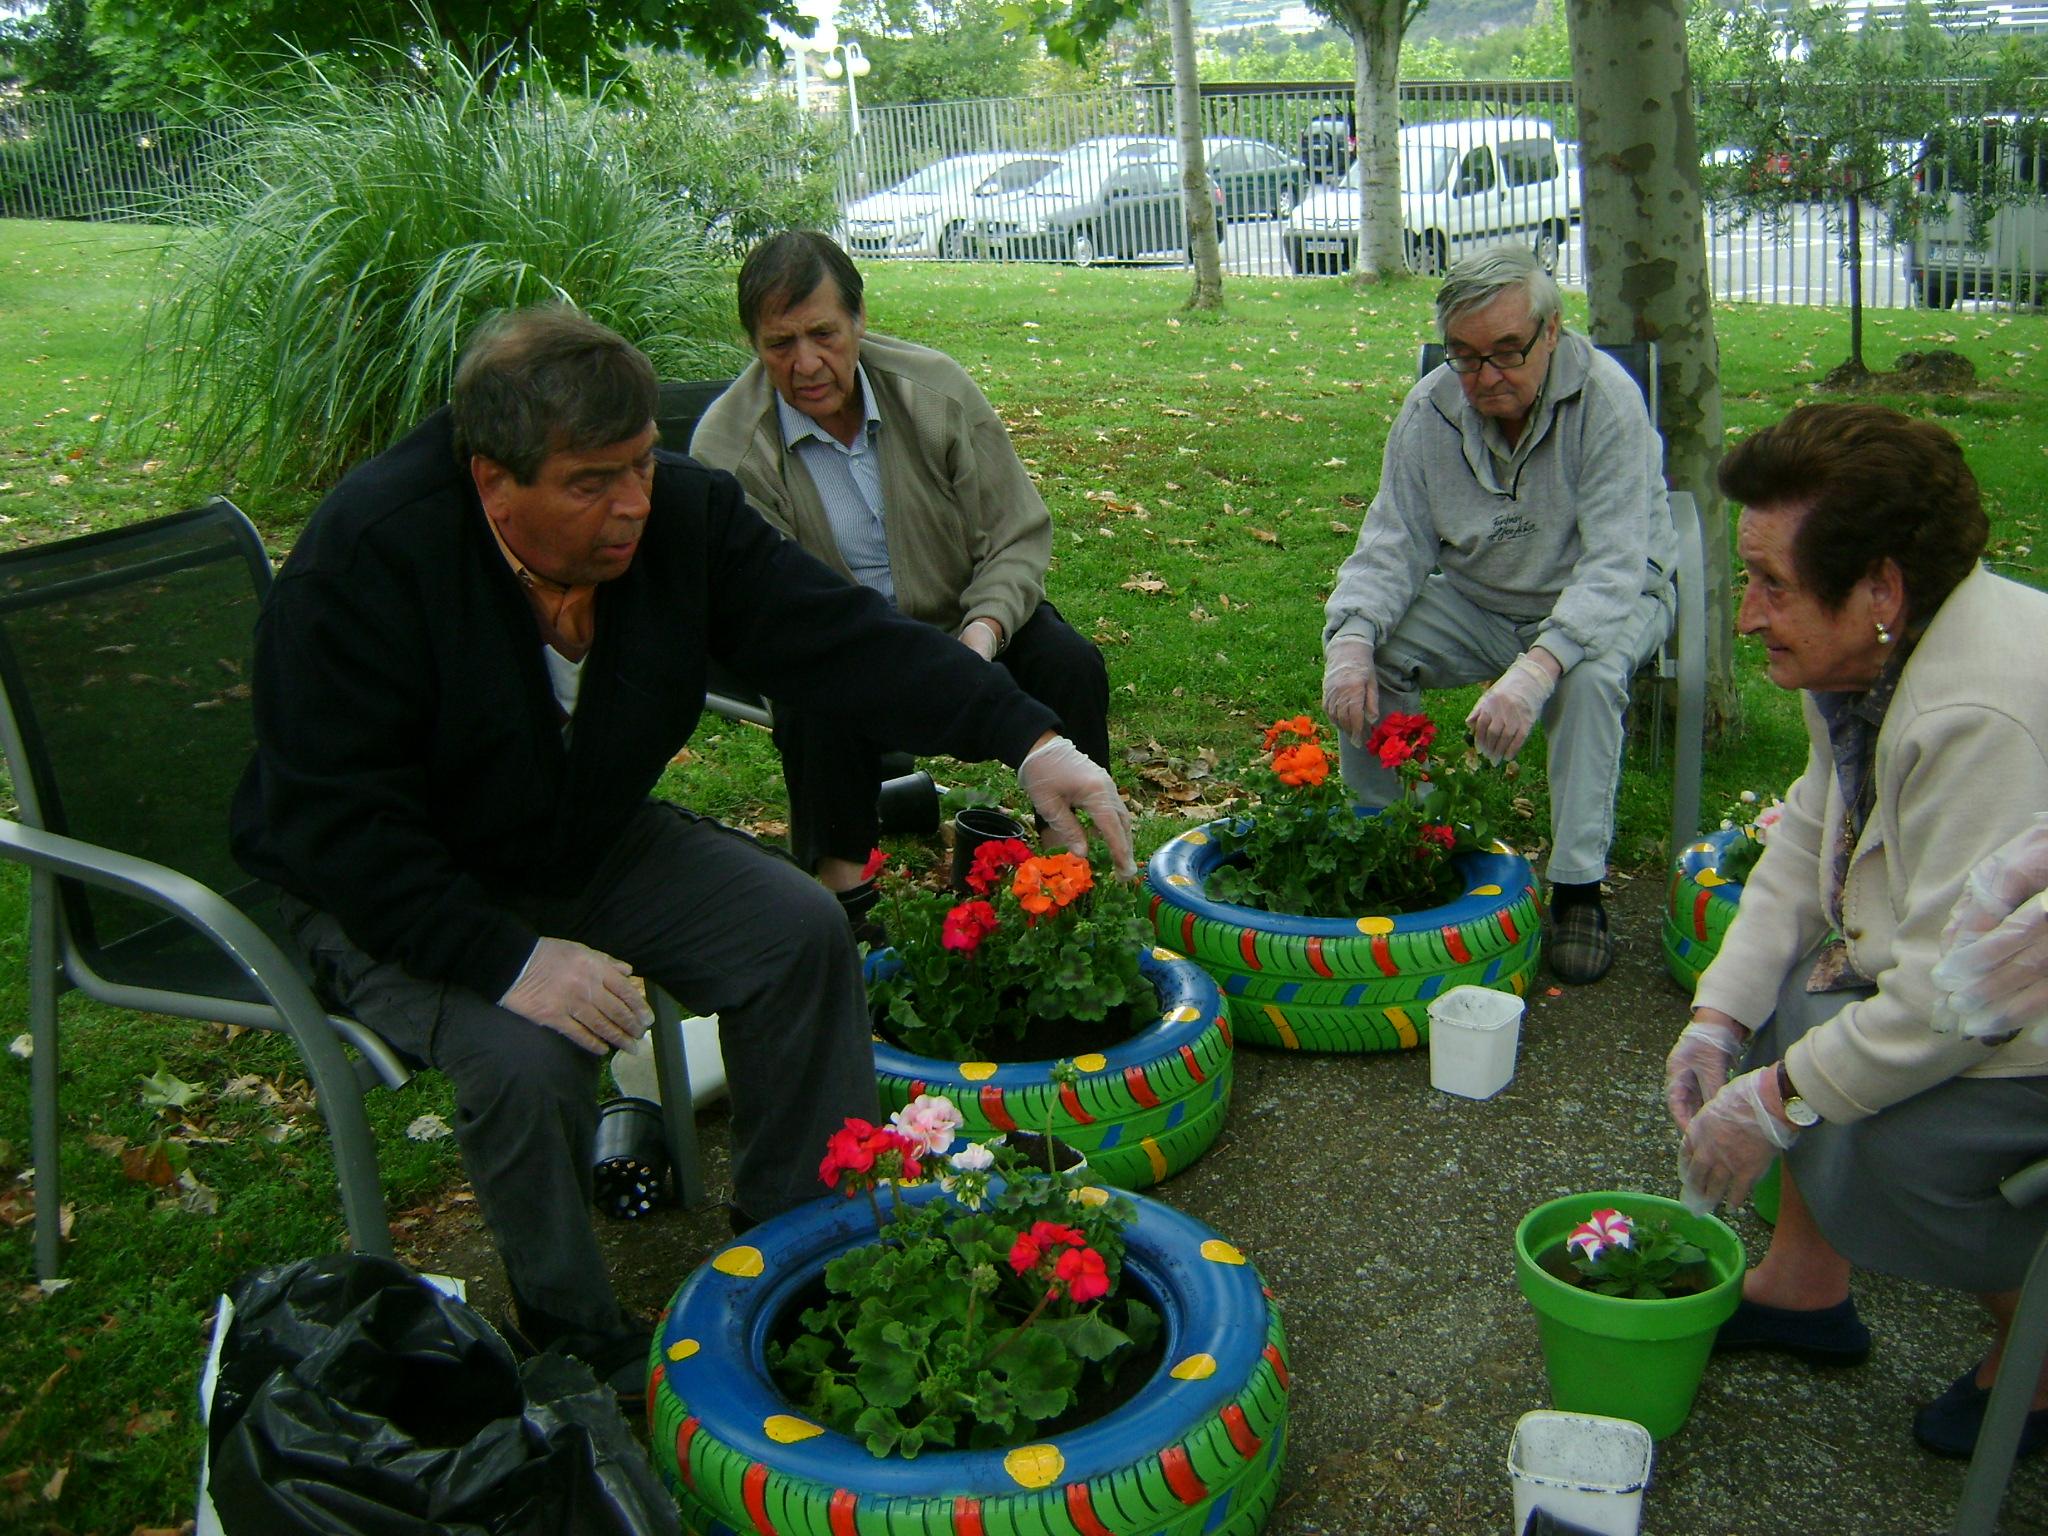 La jardiner a y la cocina y ayudan a m s de personas for Objetos de jardineria